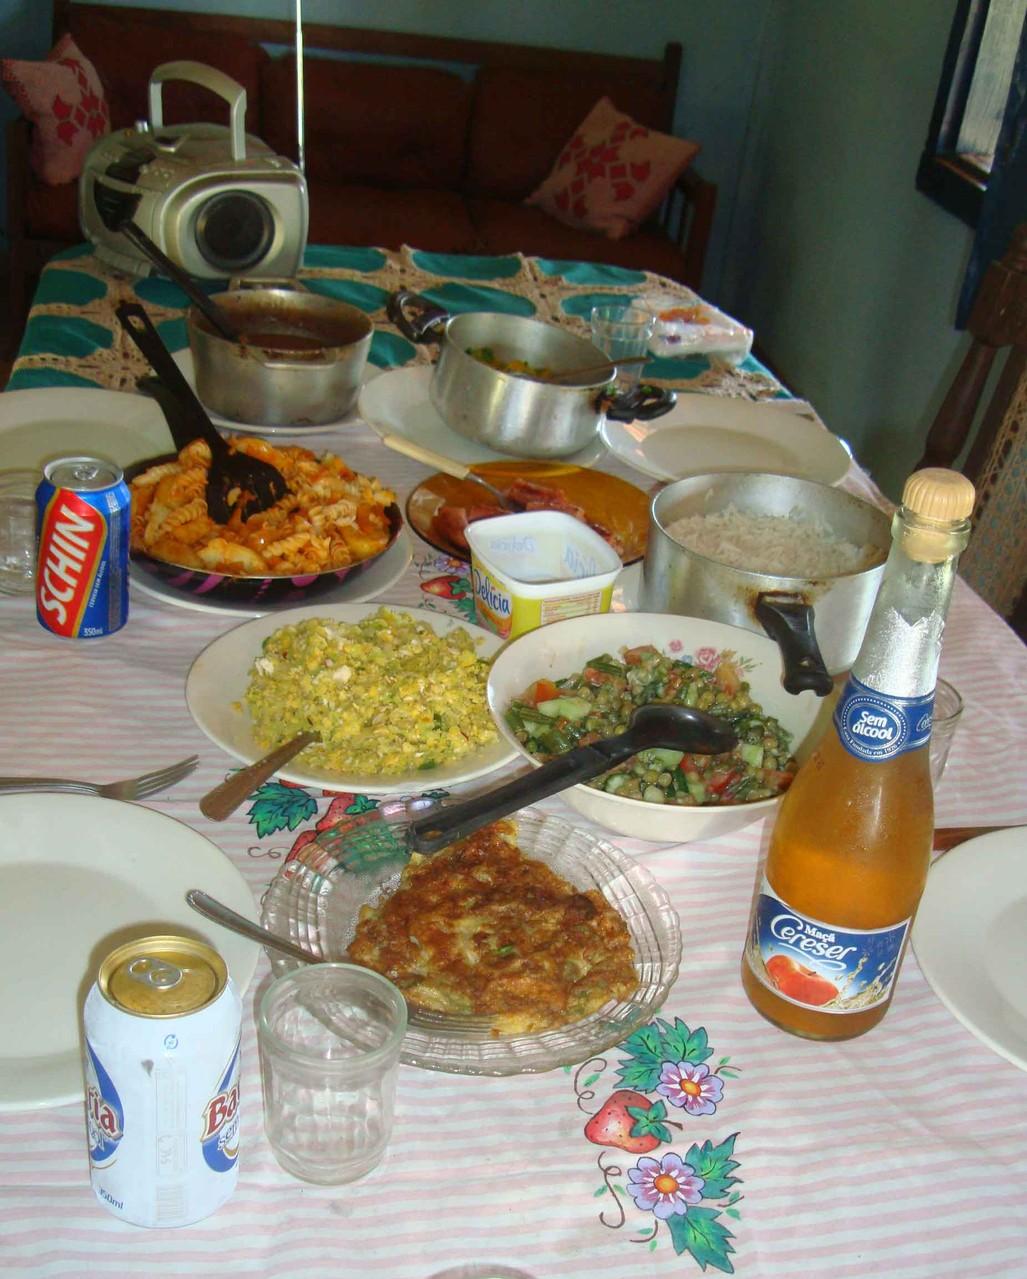 隣の農家で昼食をご馳走になりました。、サラダ、オムレツ、魚のフライ、チキン、パスタ、ごはんとフェジョン(豆料理)など、沢山食卓に並びました。